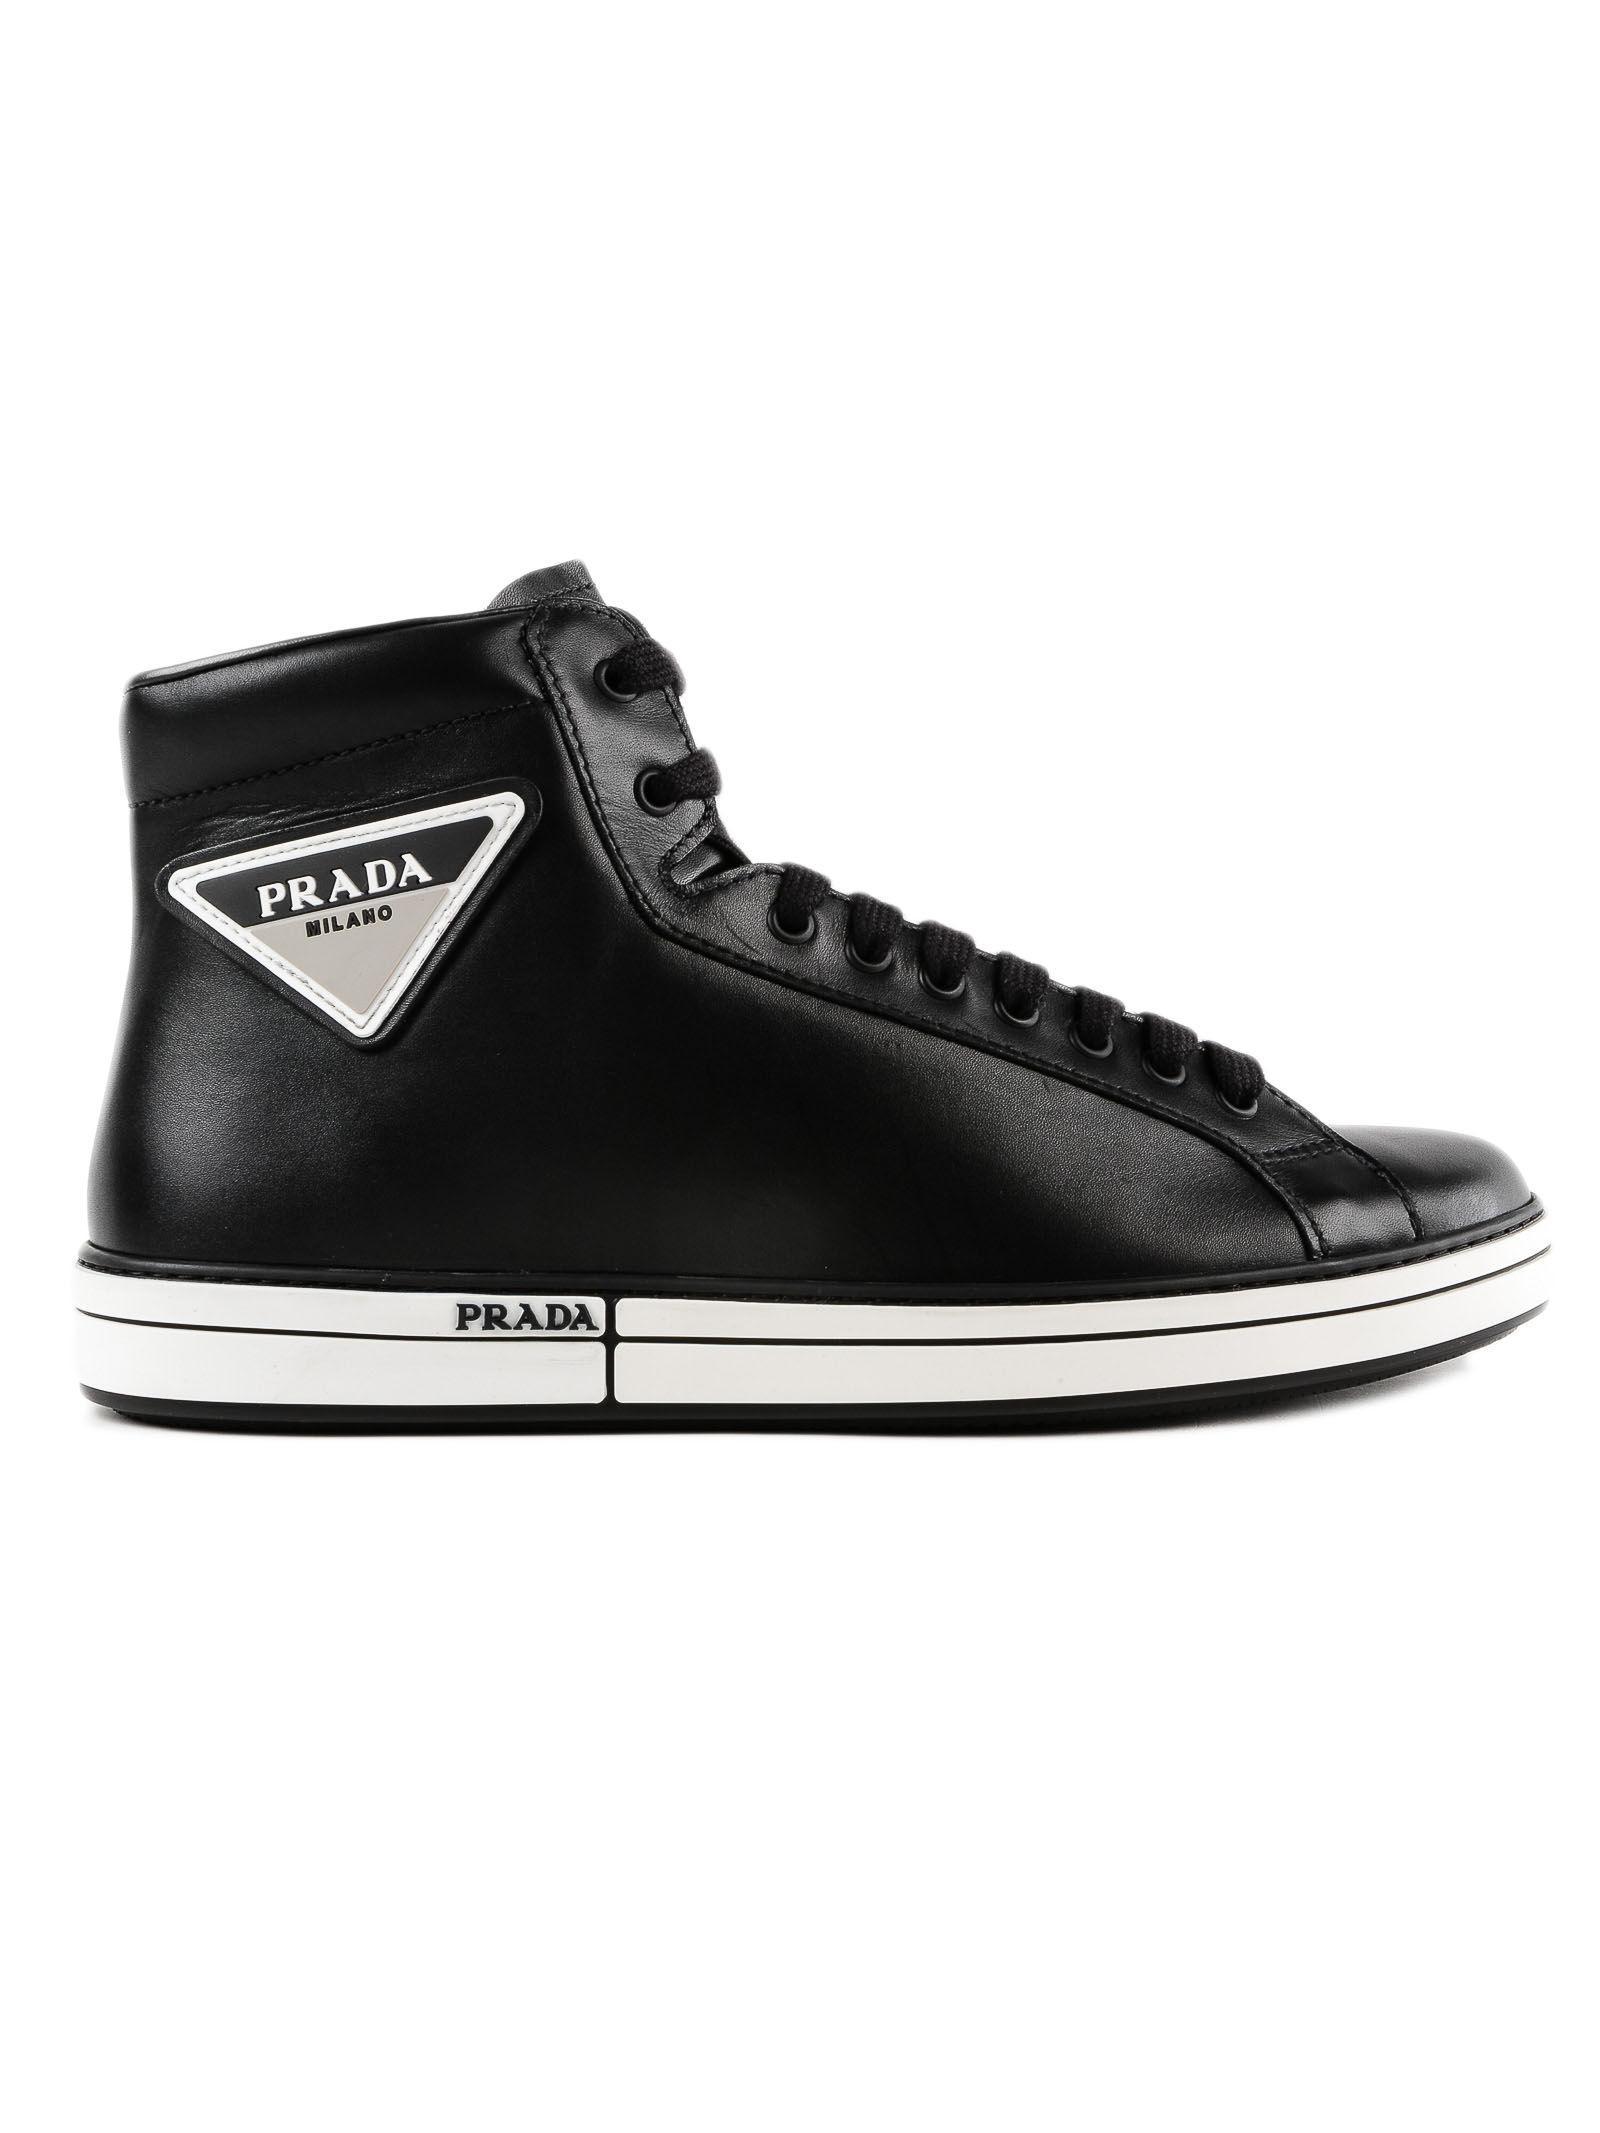 43c9efc8c3bd2 Prada - Black Badge High Top Sneaker for Men - Lyst. View fullscreen